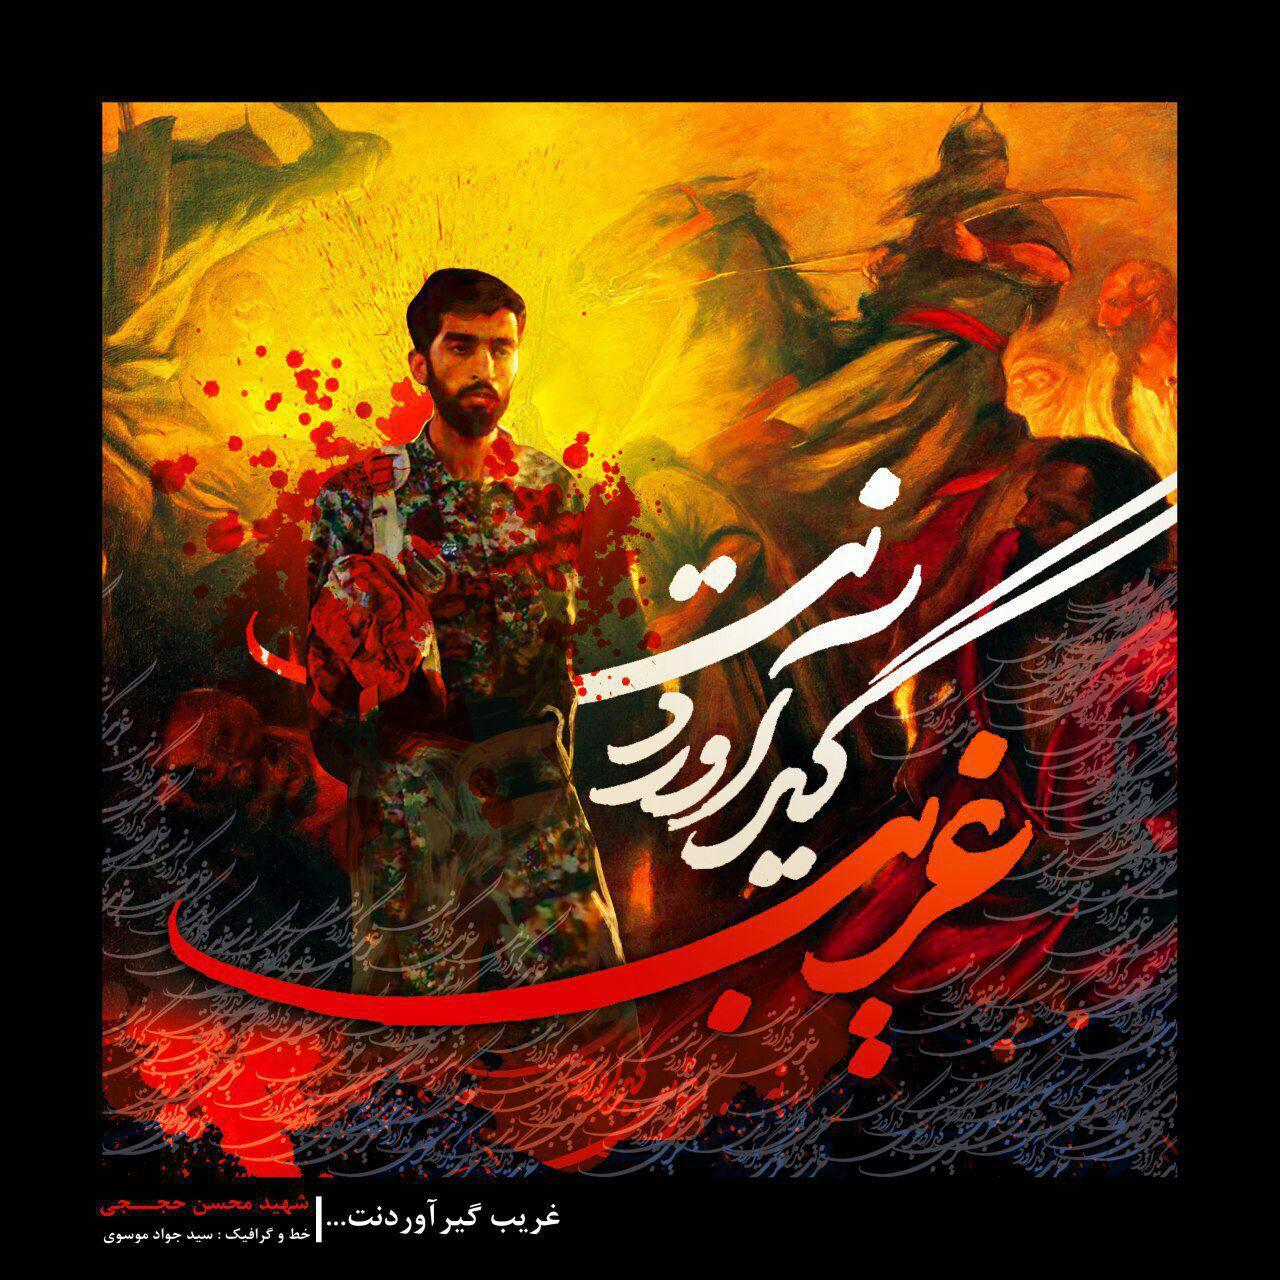 نتیجه تصویری برای پوستر شهید حججی